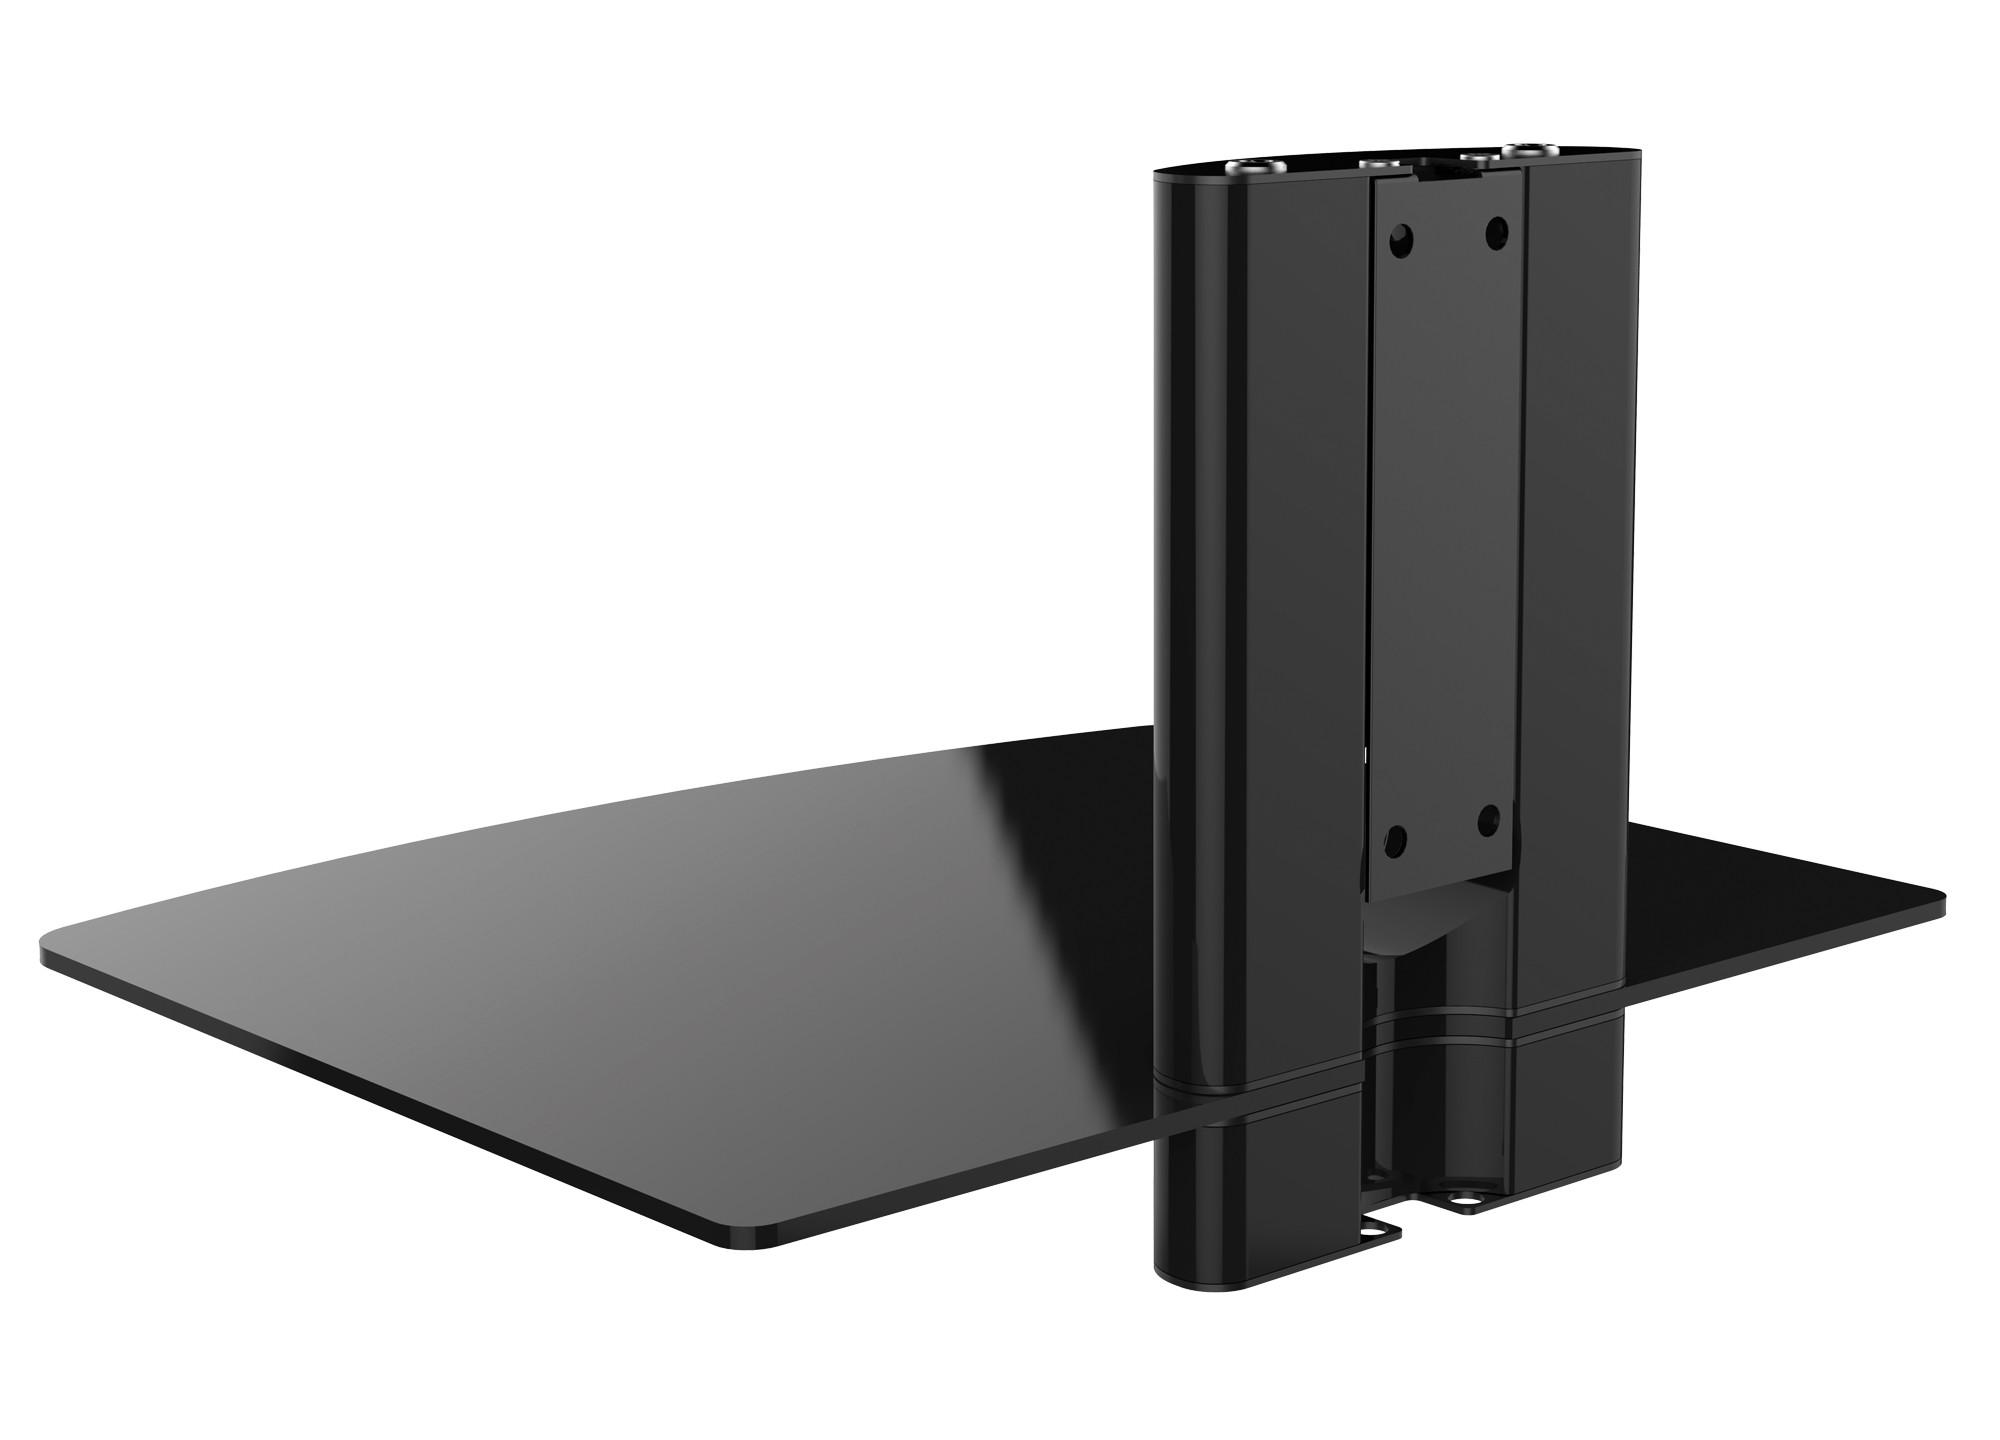 hifi wandregal mit kabelkanal und esg glasablage kaufen. Black Bedroom Furniture Sets. Home Design Ideas